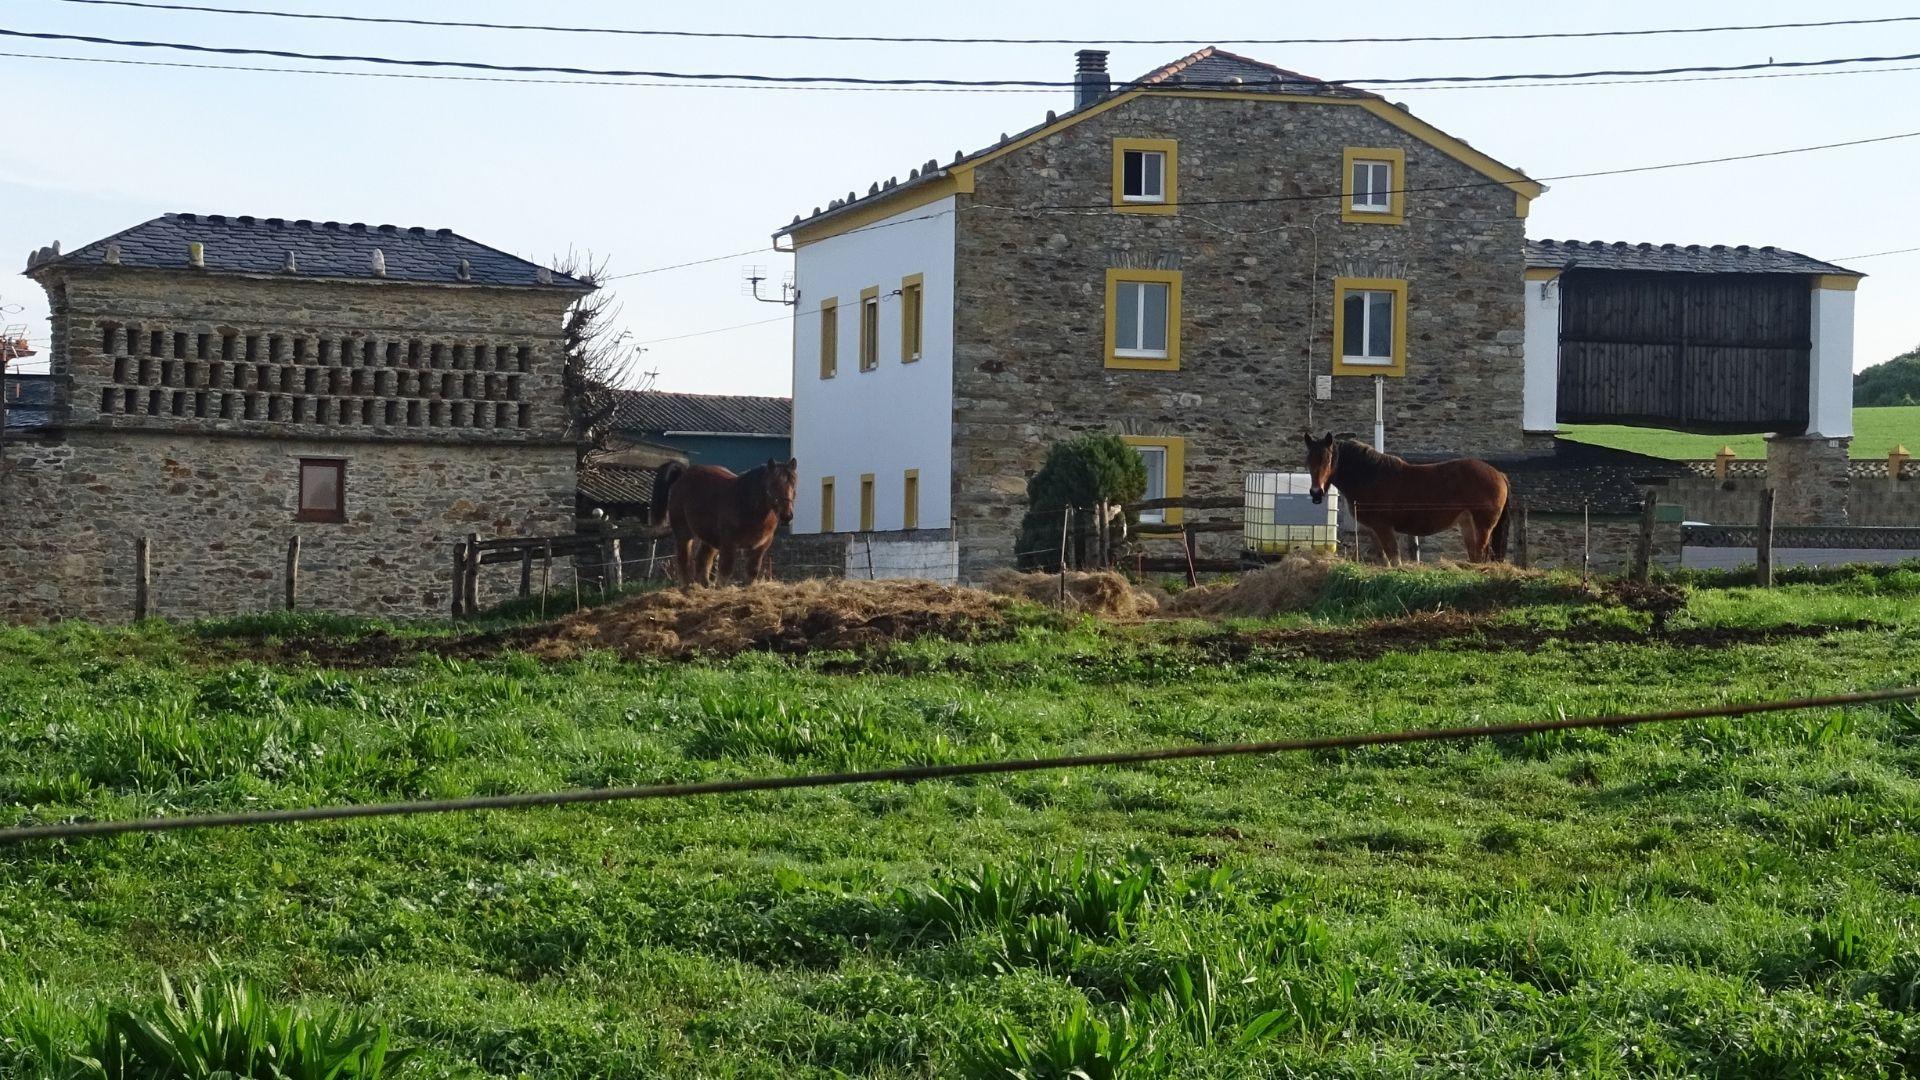 Hórreos gallegos, de estilo Ribadeo y Mondoñedo, en Santa Gadea, en Tapia